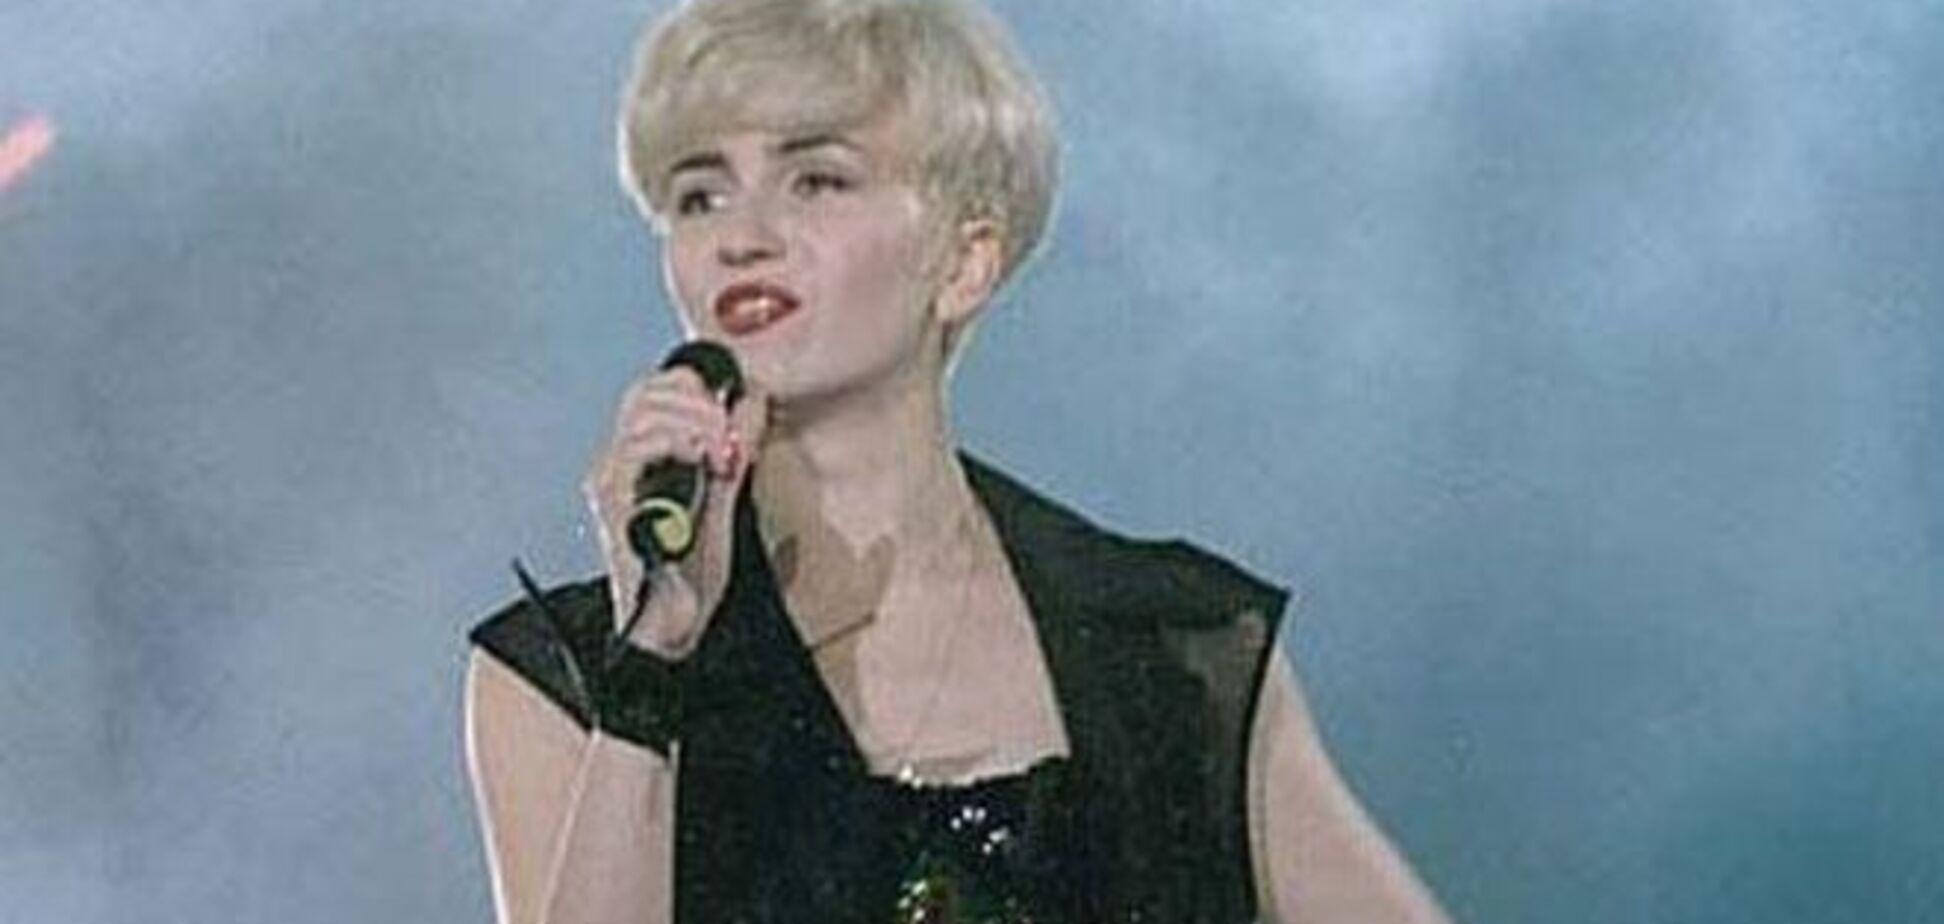 ТОП зірок української естради 90-х: найяскравіші образи і пісні